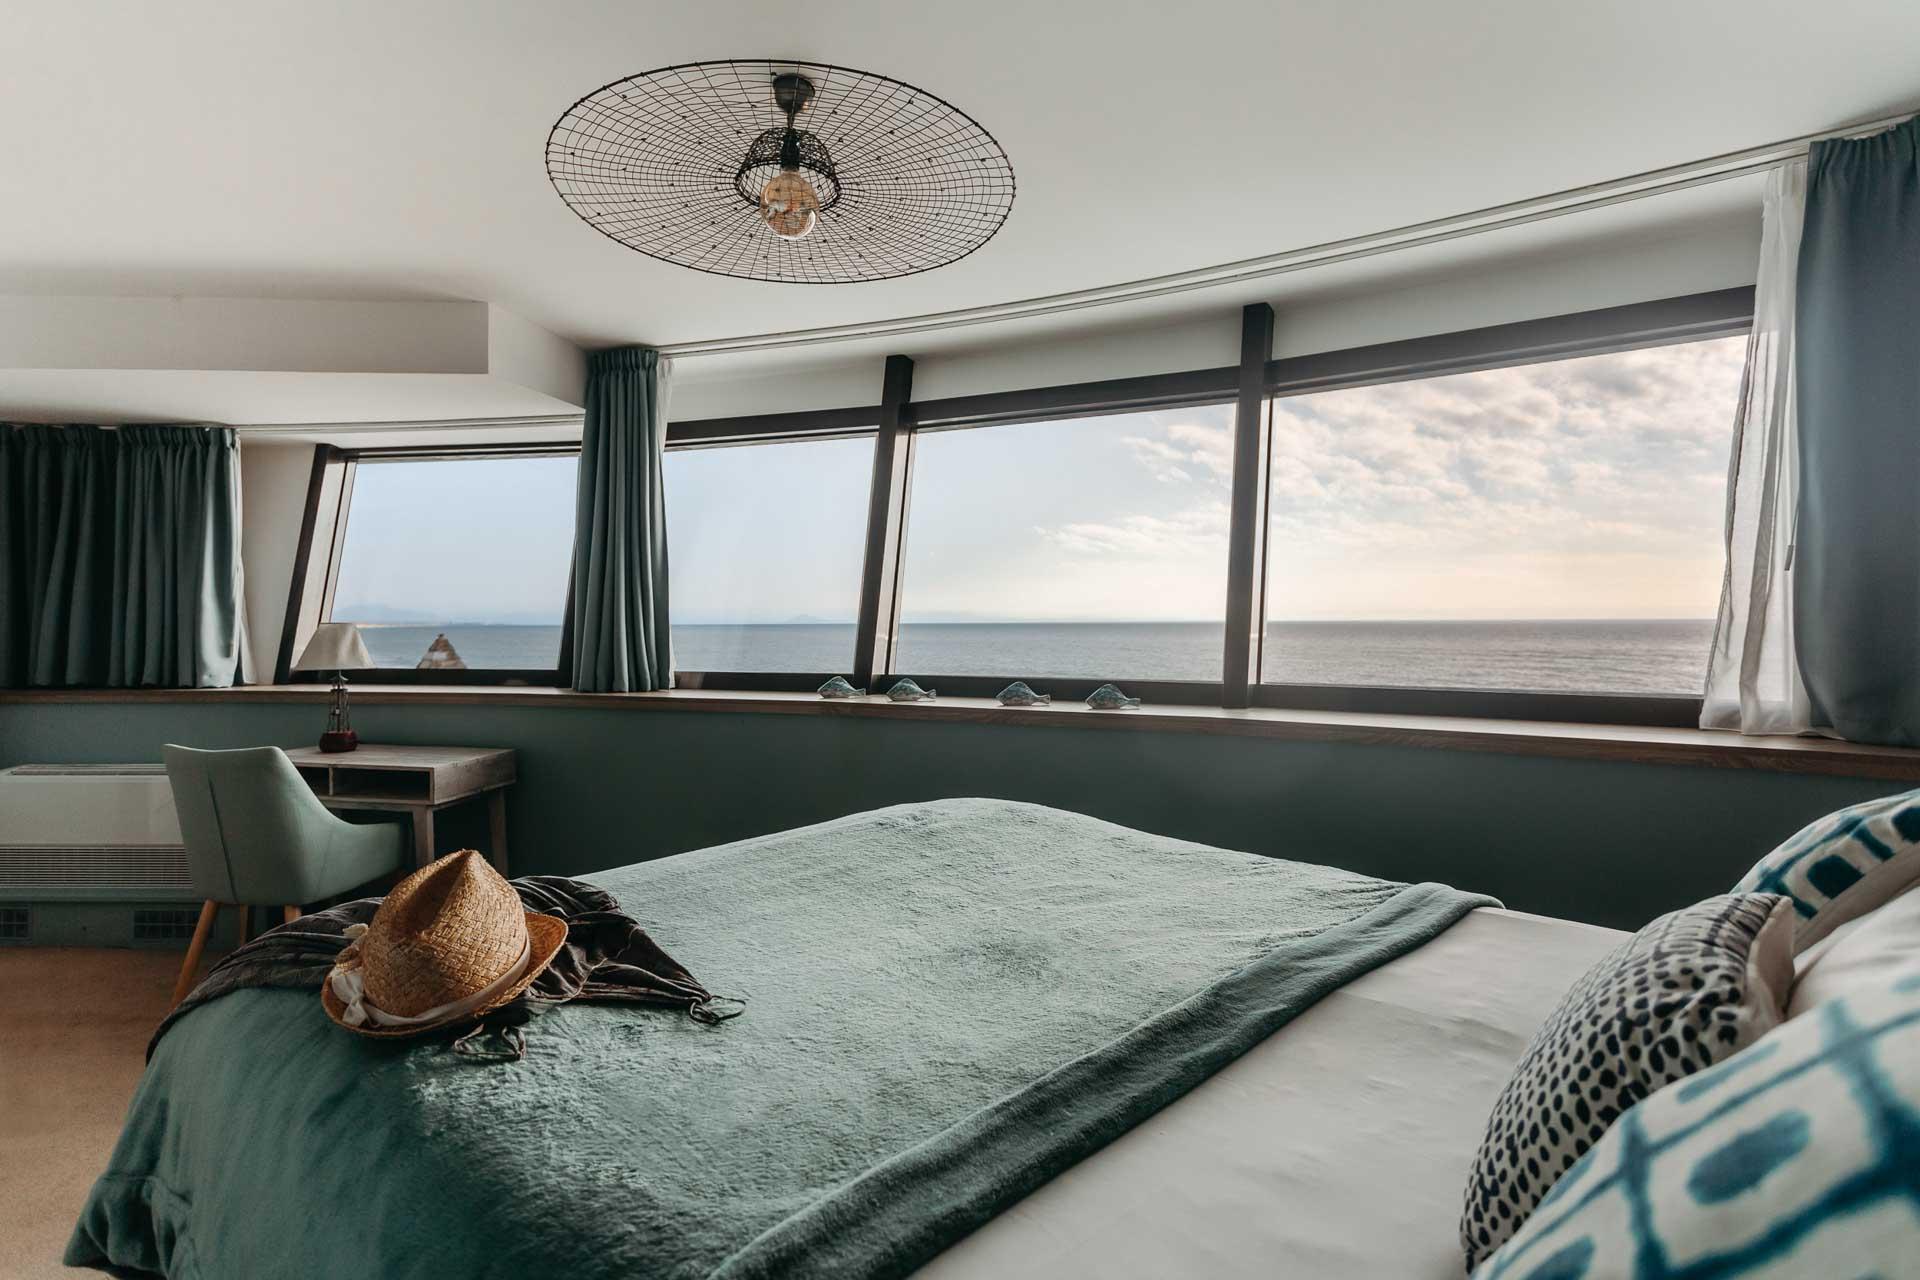 Chambre avec vue sur la plage et l'Océan © Baya